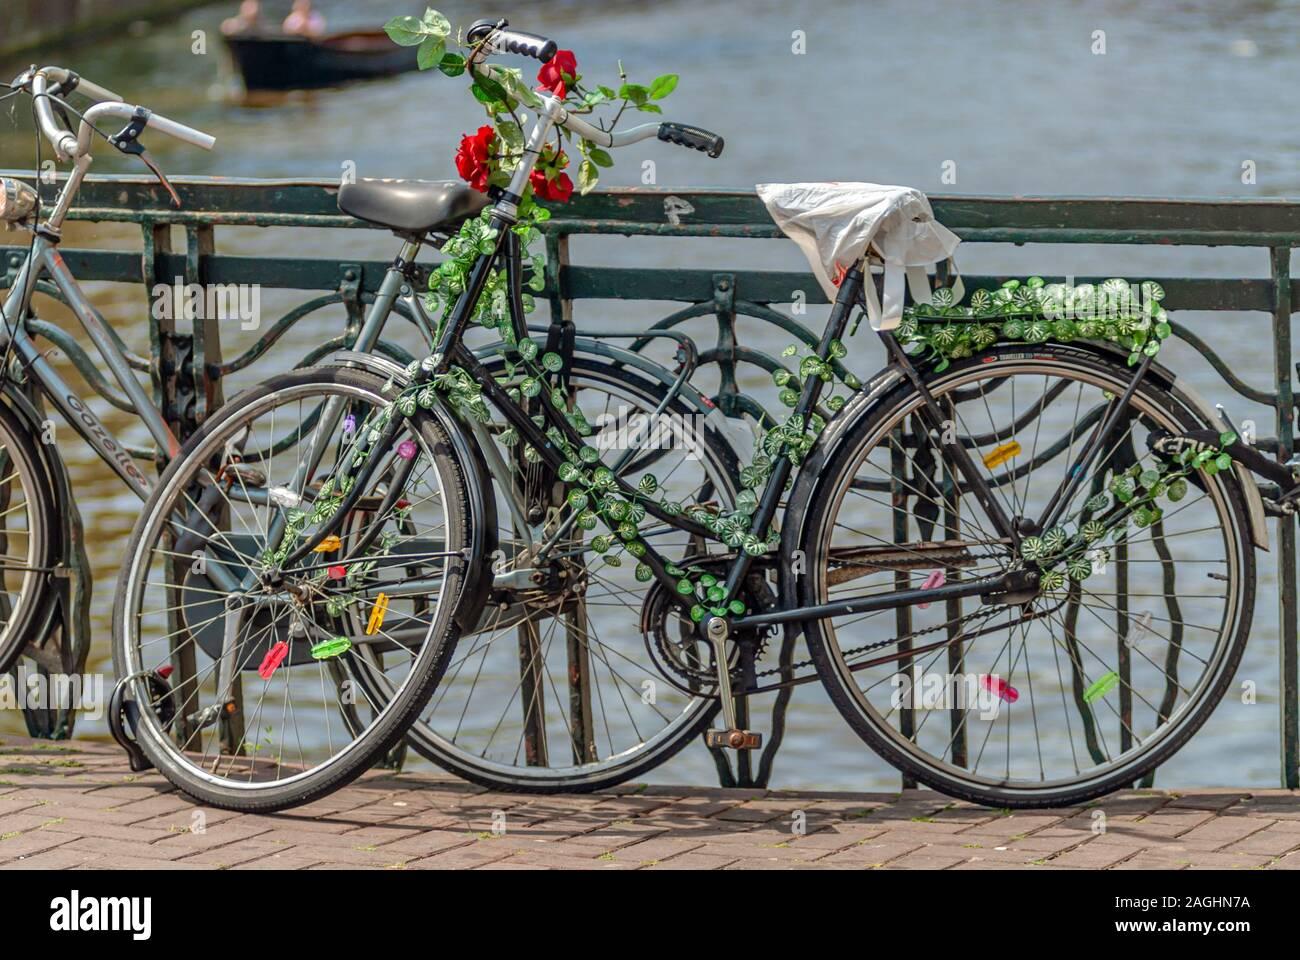 Un vieux vélo avec des roses garées sur un pont dans la ville intérieure d'Amsterdam, Pays-Bas Banque D'Images